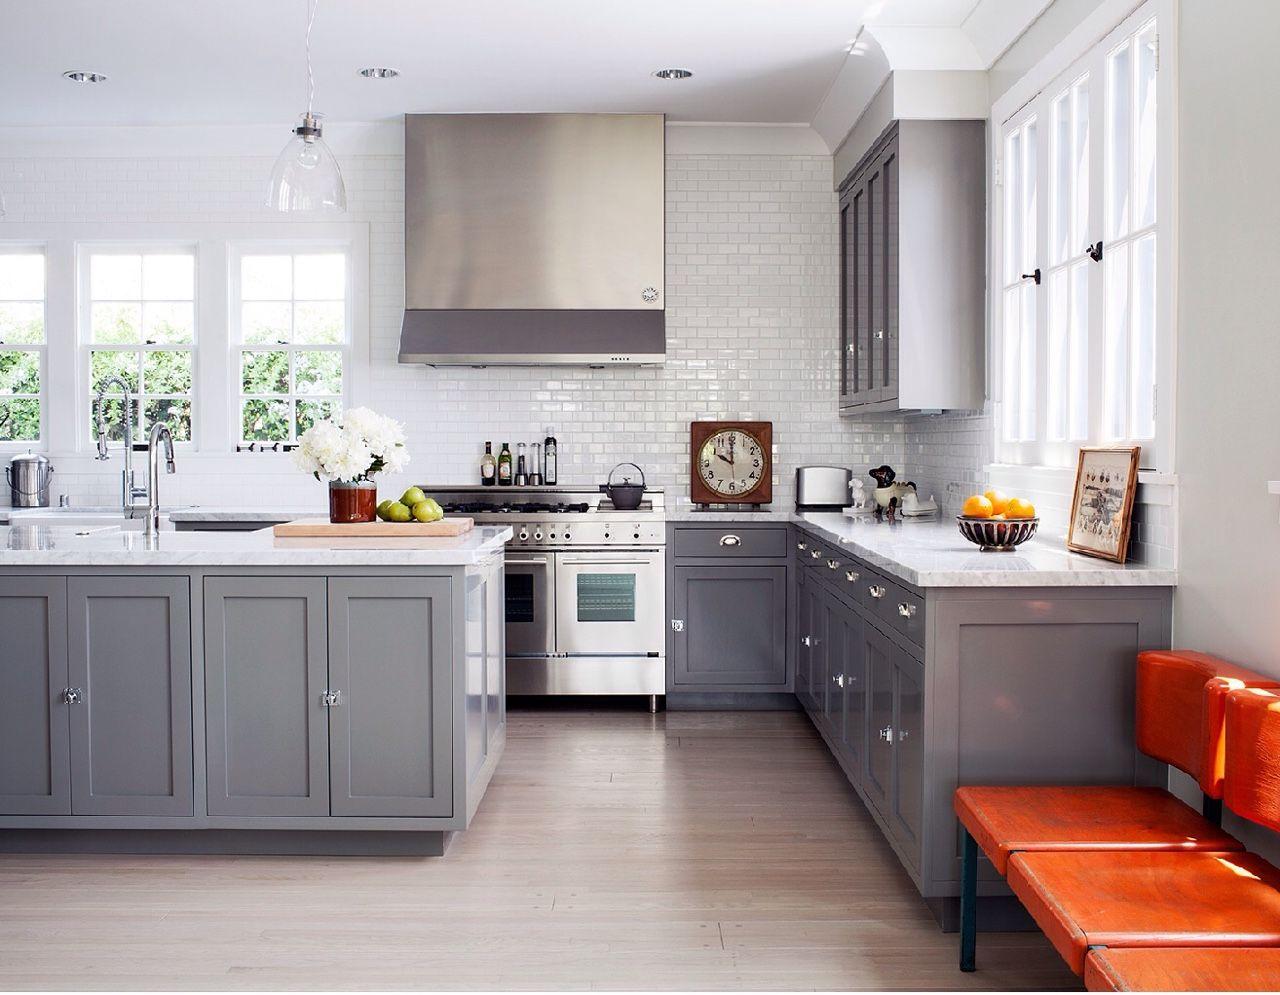 moxxaustin grey kitchen cabinets grey kitchen designs grey kitchens on kitchen ideas gray id=60994